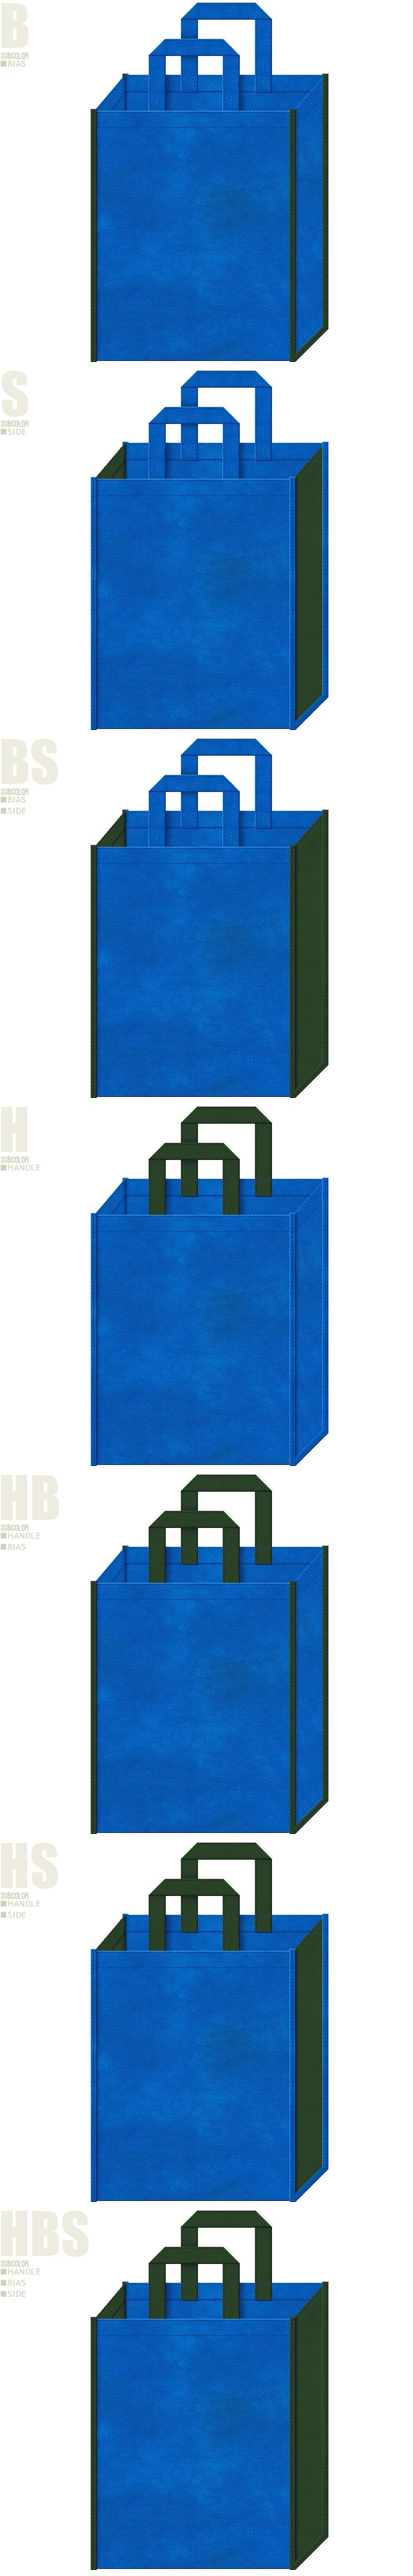 不織布トートバッグのデザイン例-不織布メインカラーNo.22+サブカラーNo.27の2色7パターン